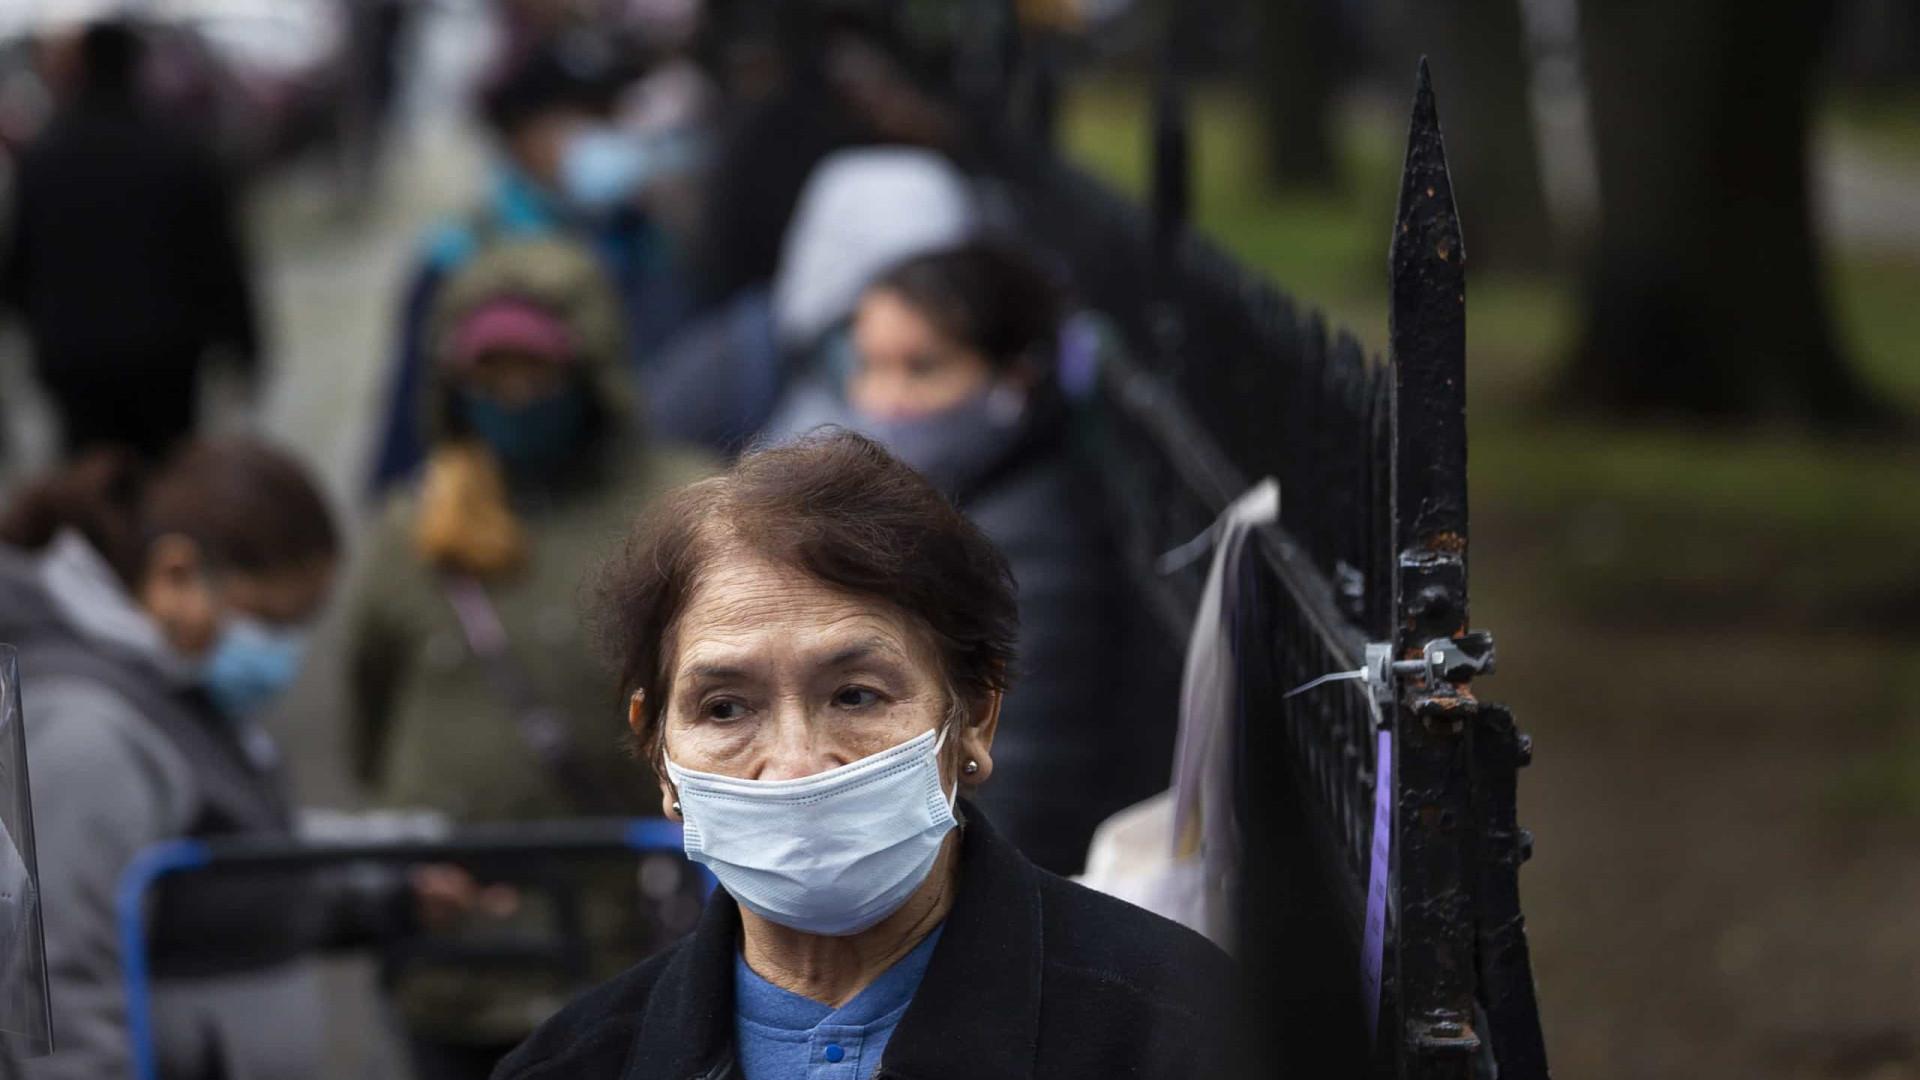 Brasil tem 158,4 mil mortes por covid-19 desde início da pandemia